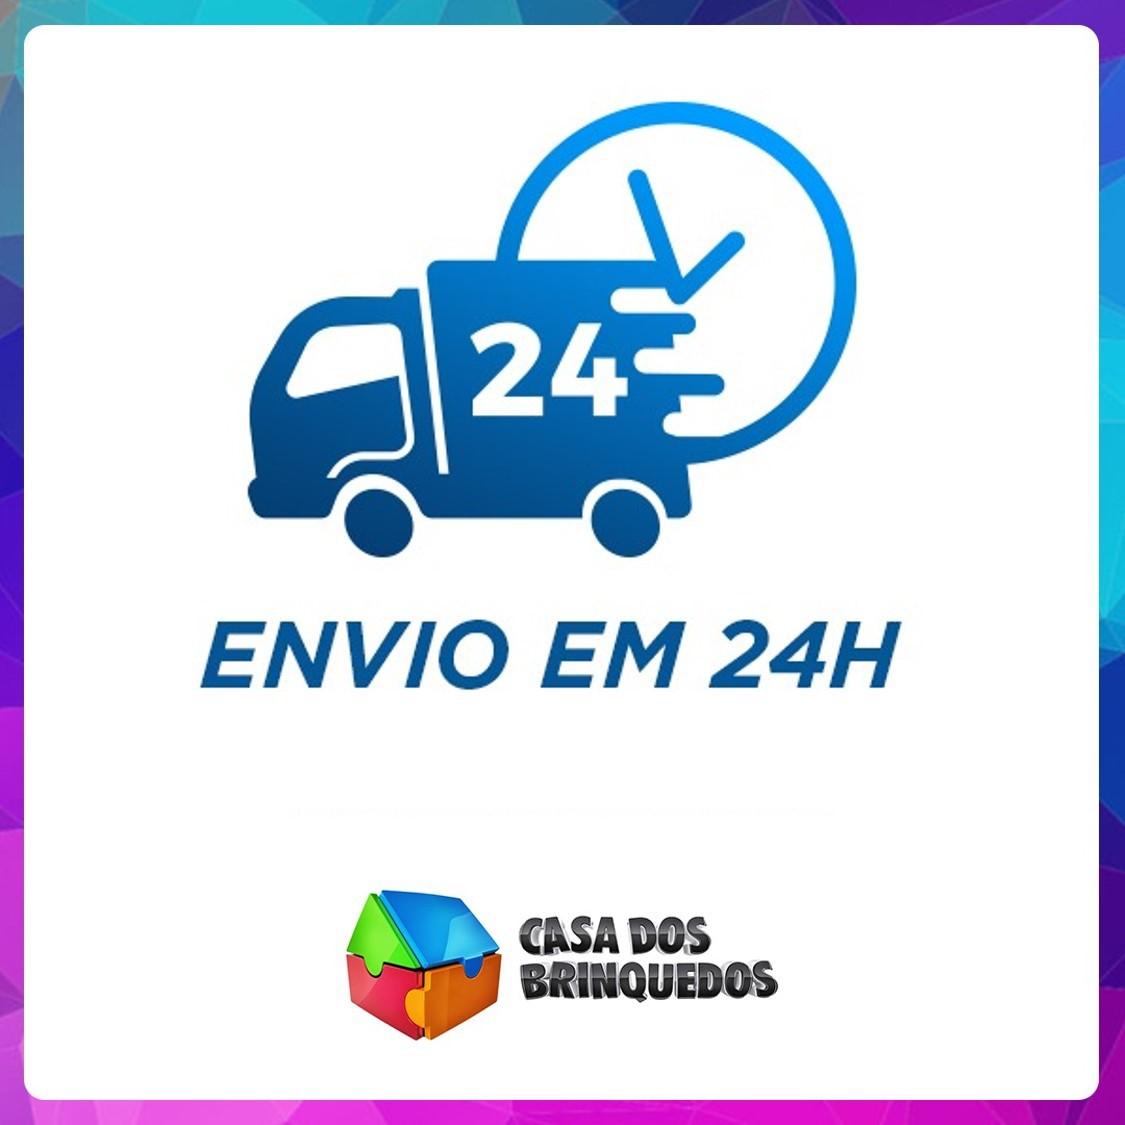 BOLINHAS PARA PISCINA SACOLÃO 76MM COM 500 MARIPLAST M15